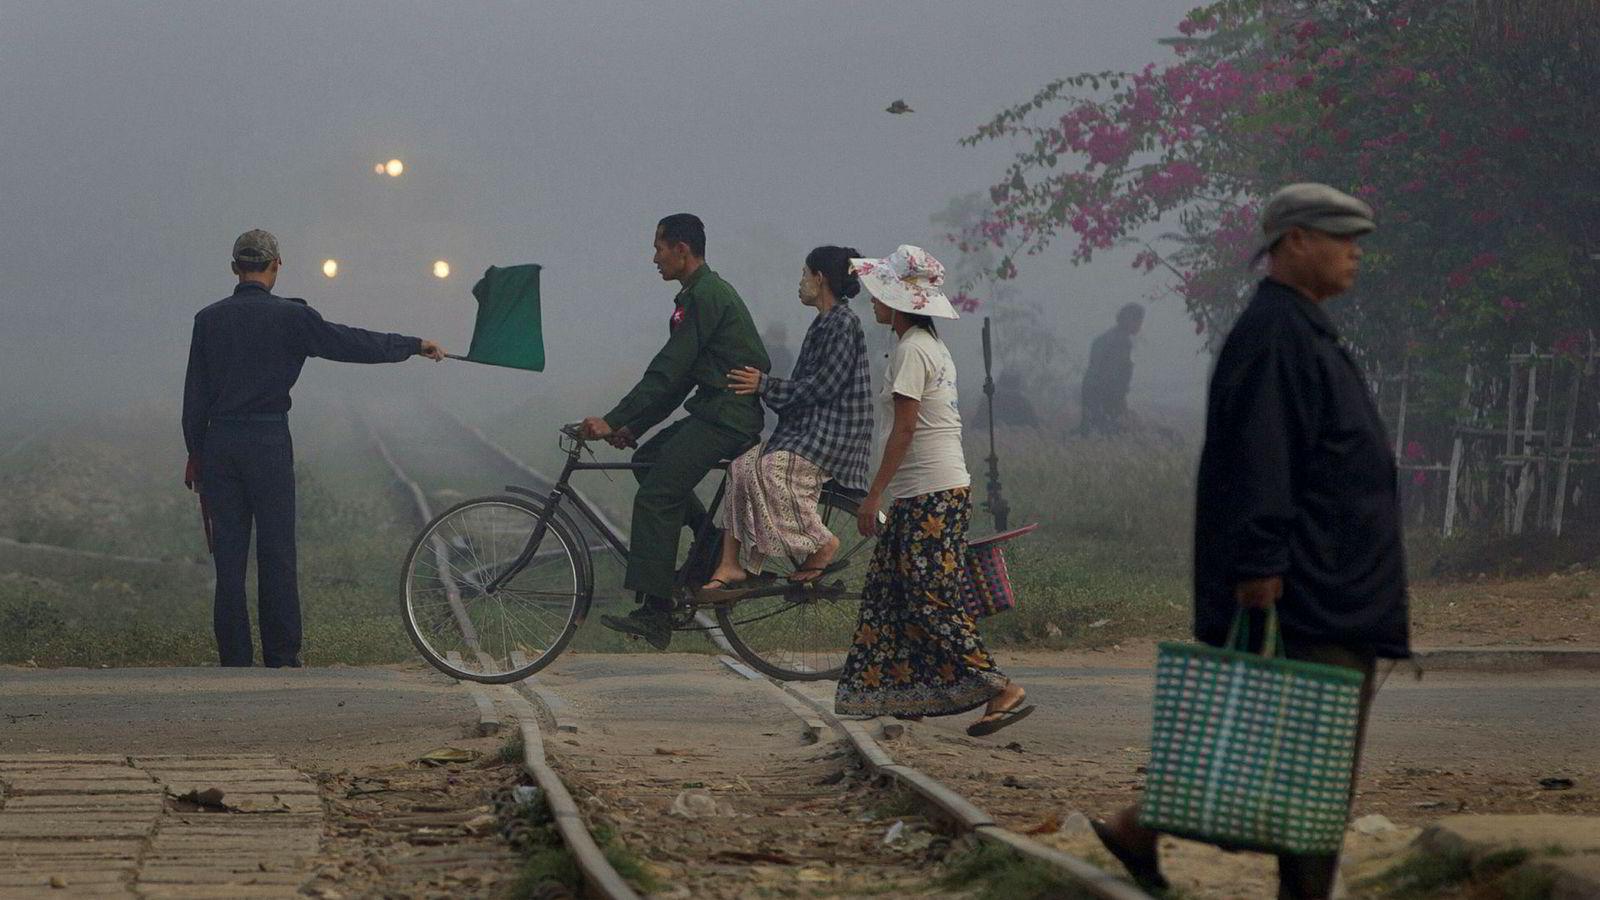 Asiatiske land investerer for lite i ny infrastruktur og det kan ramme den økonomiske veksten, ifølge Den asiatiske utviklingsbanken (ADB). I Myanmar er det enorme behov innenfor energi og samferdsel. Kun en liten andel av innbyggerne har tilgang til rent vann og grunnleggende sanitære forhold.